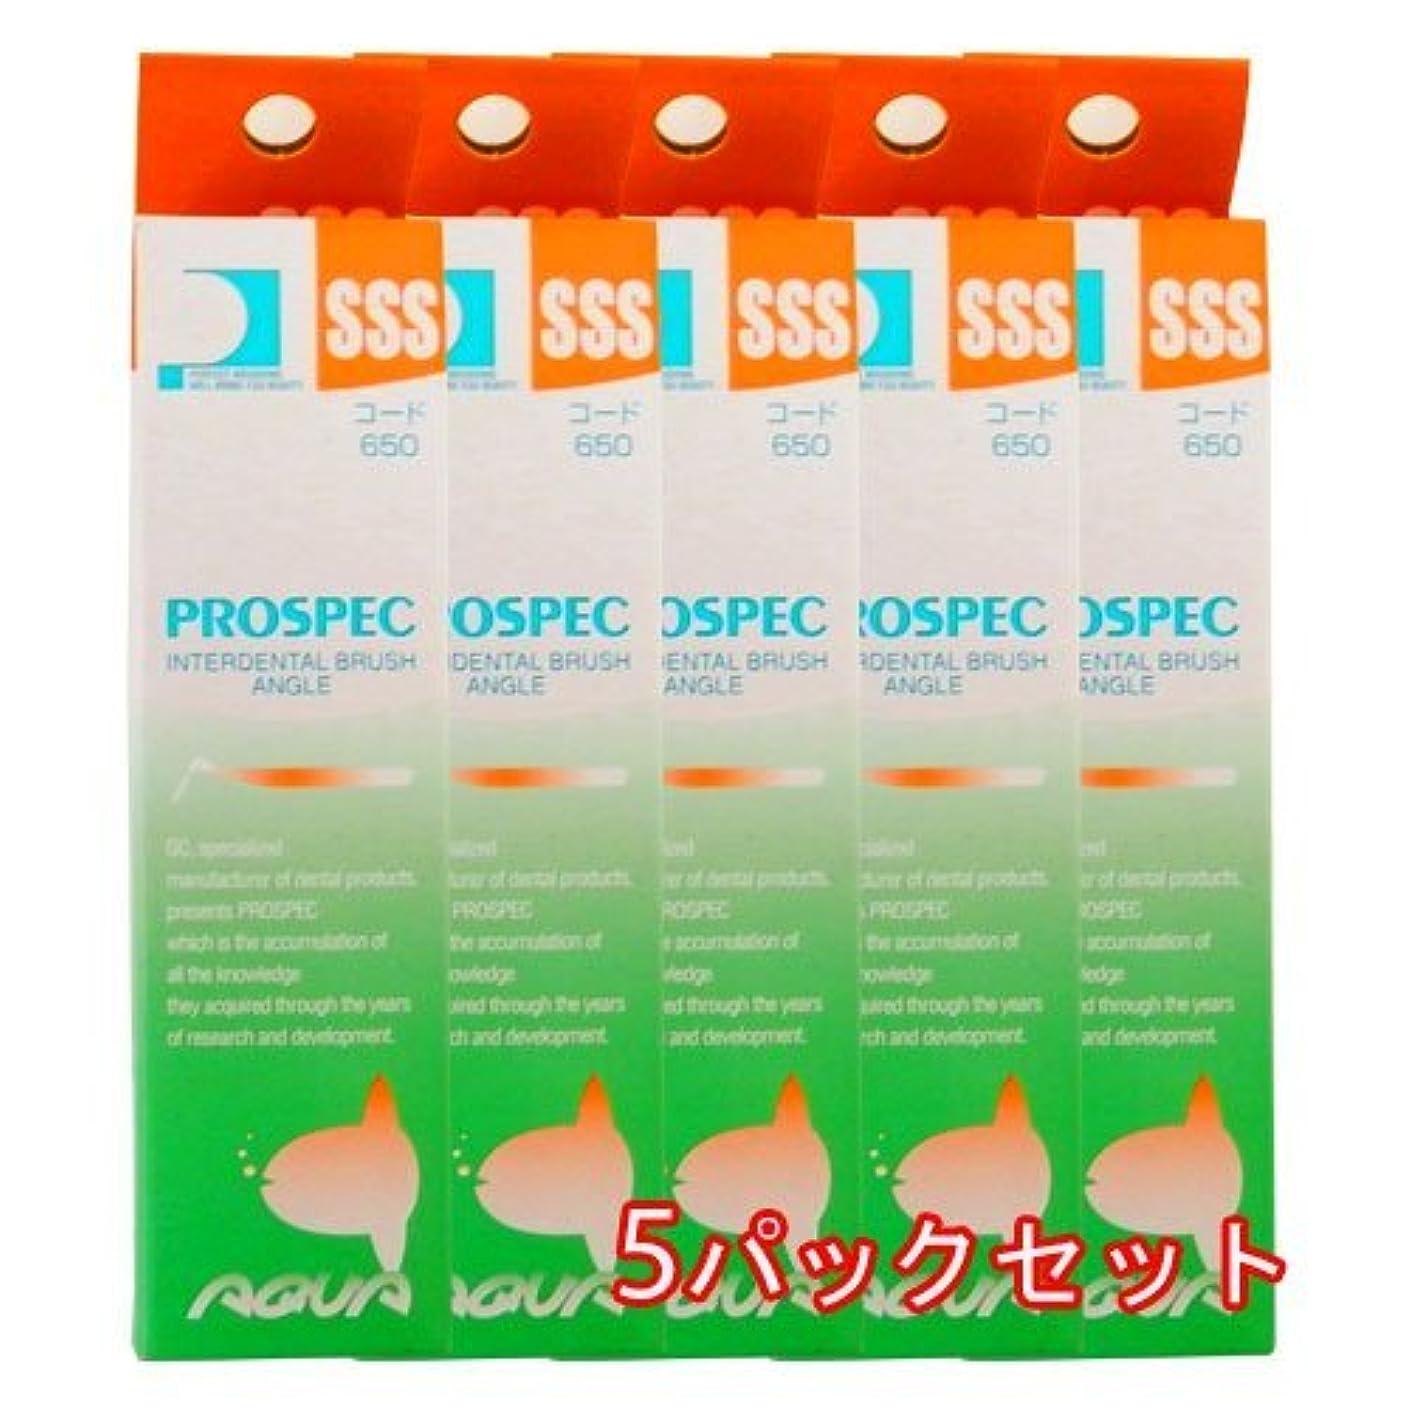 鼓舞する錆び干渉するプロスペック 歯間ブラシ アングルアクア 4本入 × 5パック SSS アクアオレンジ